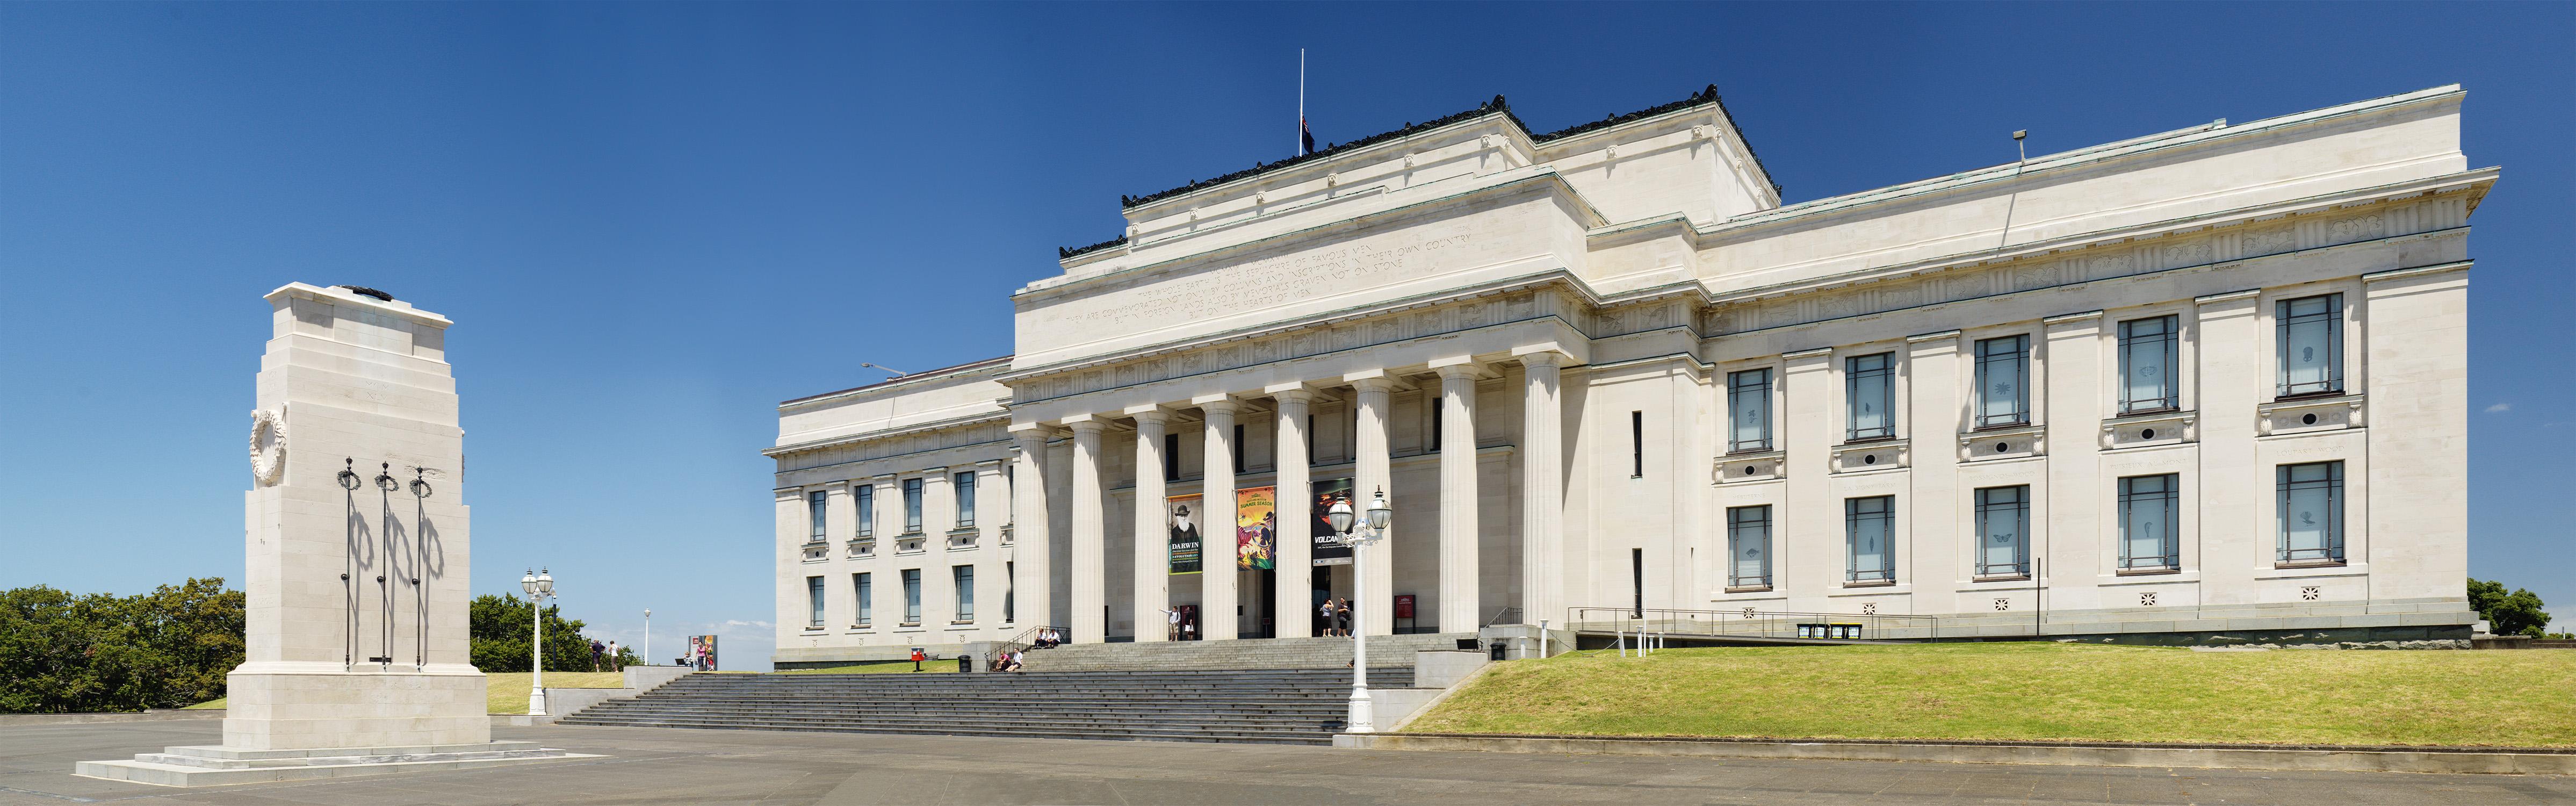 「奧克蘭戰爭紀念博物館」的圖片搜尋結果